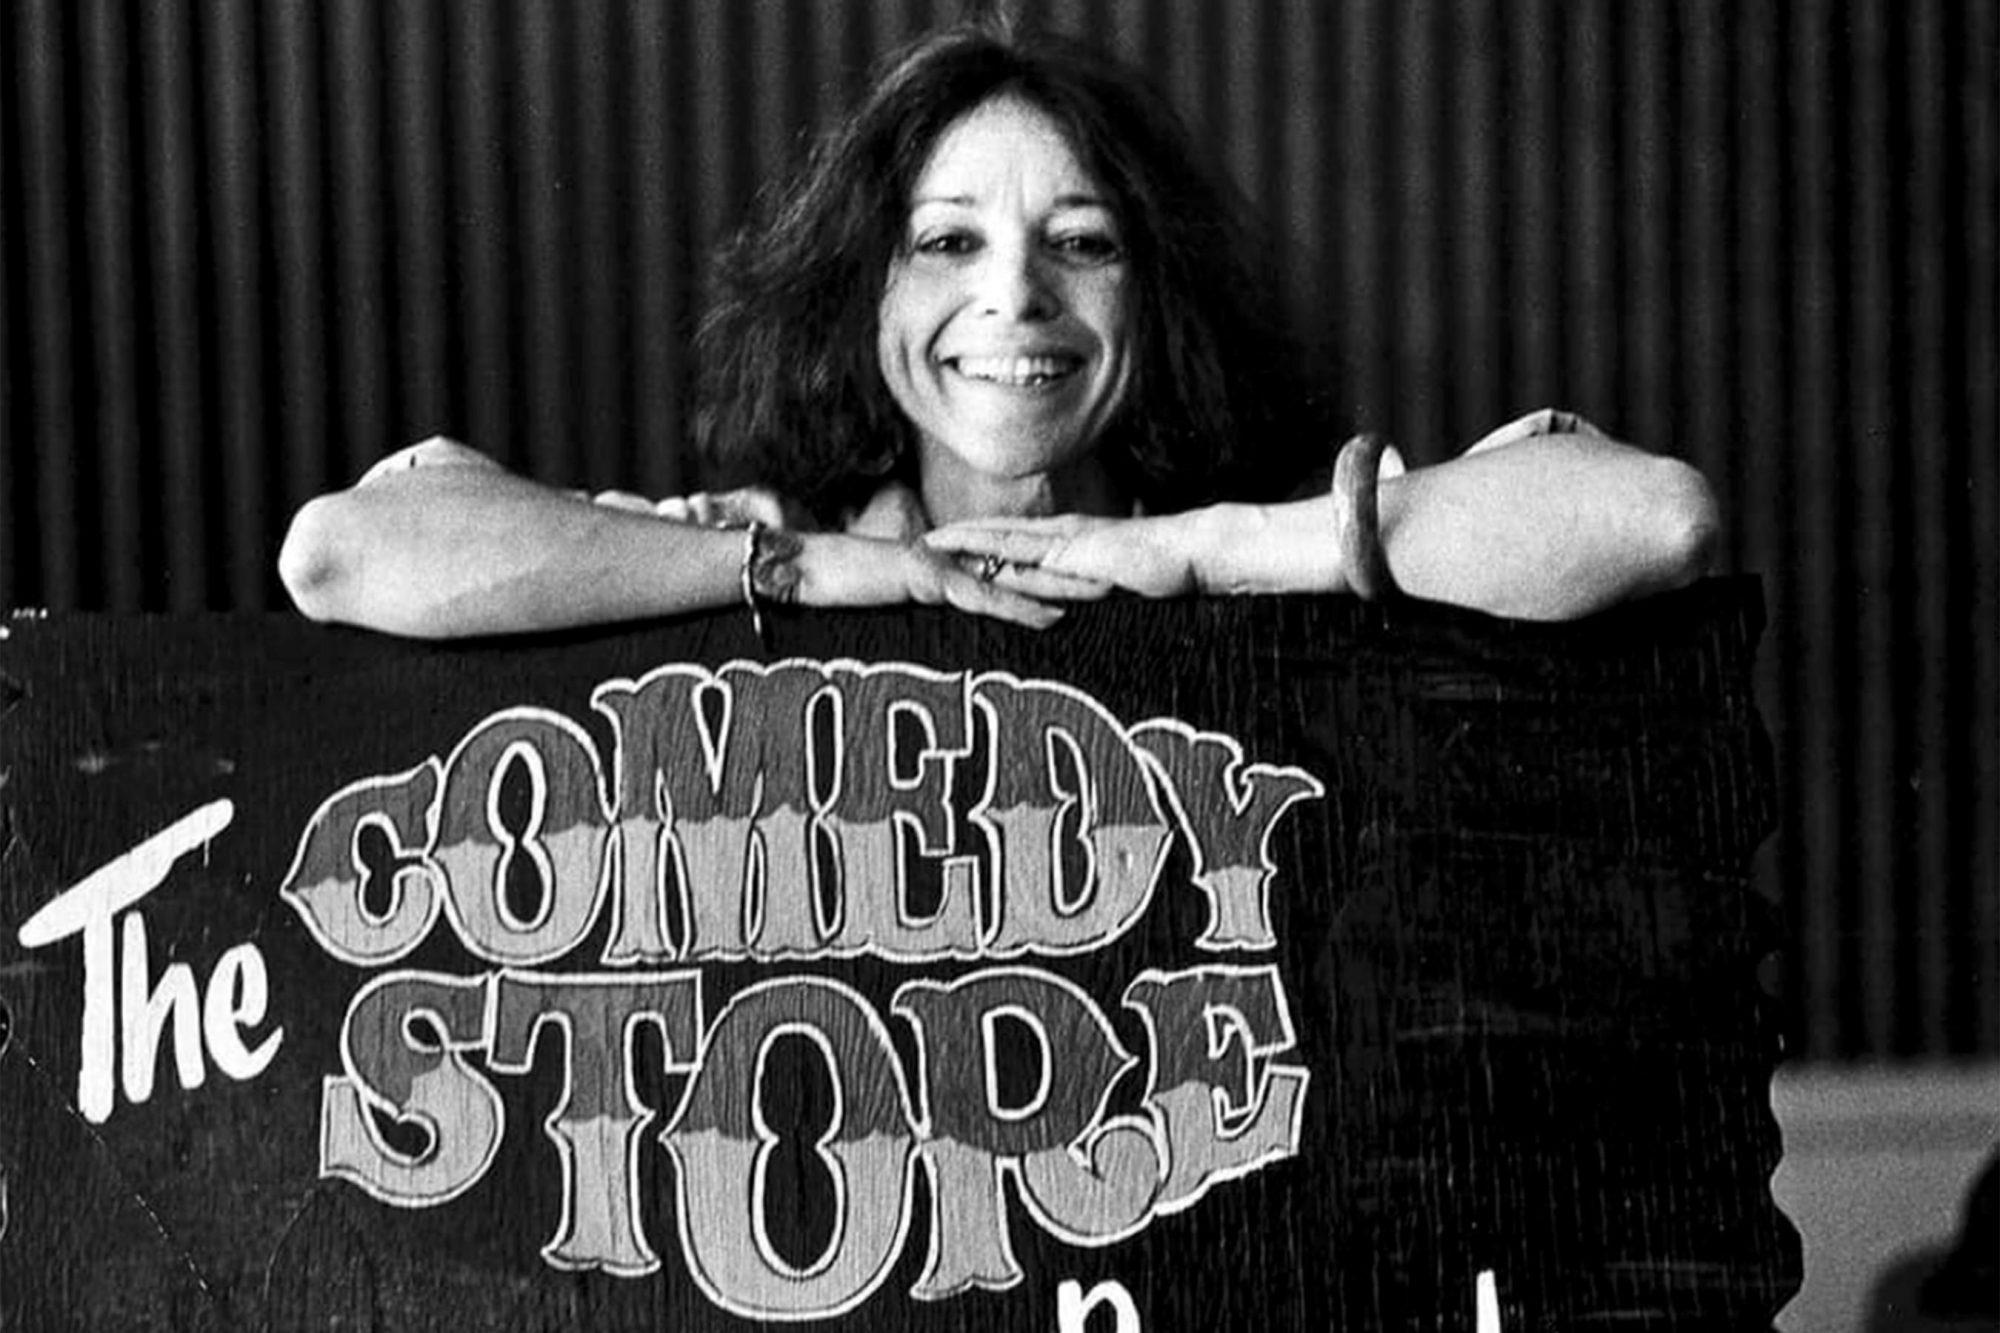 Mitzi-Shore-The-Comedy-Store